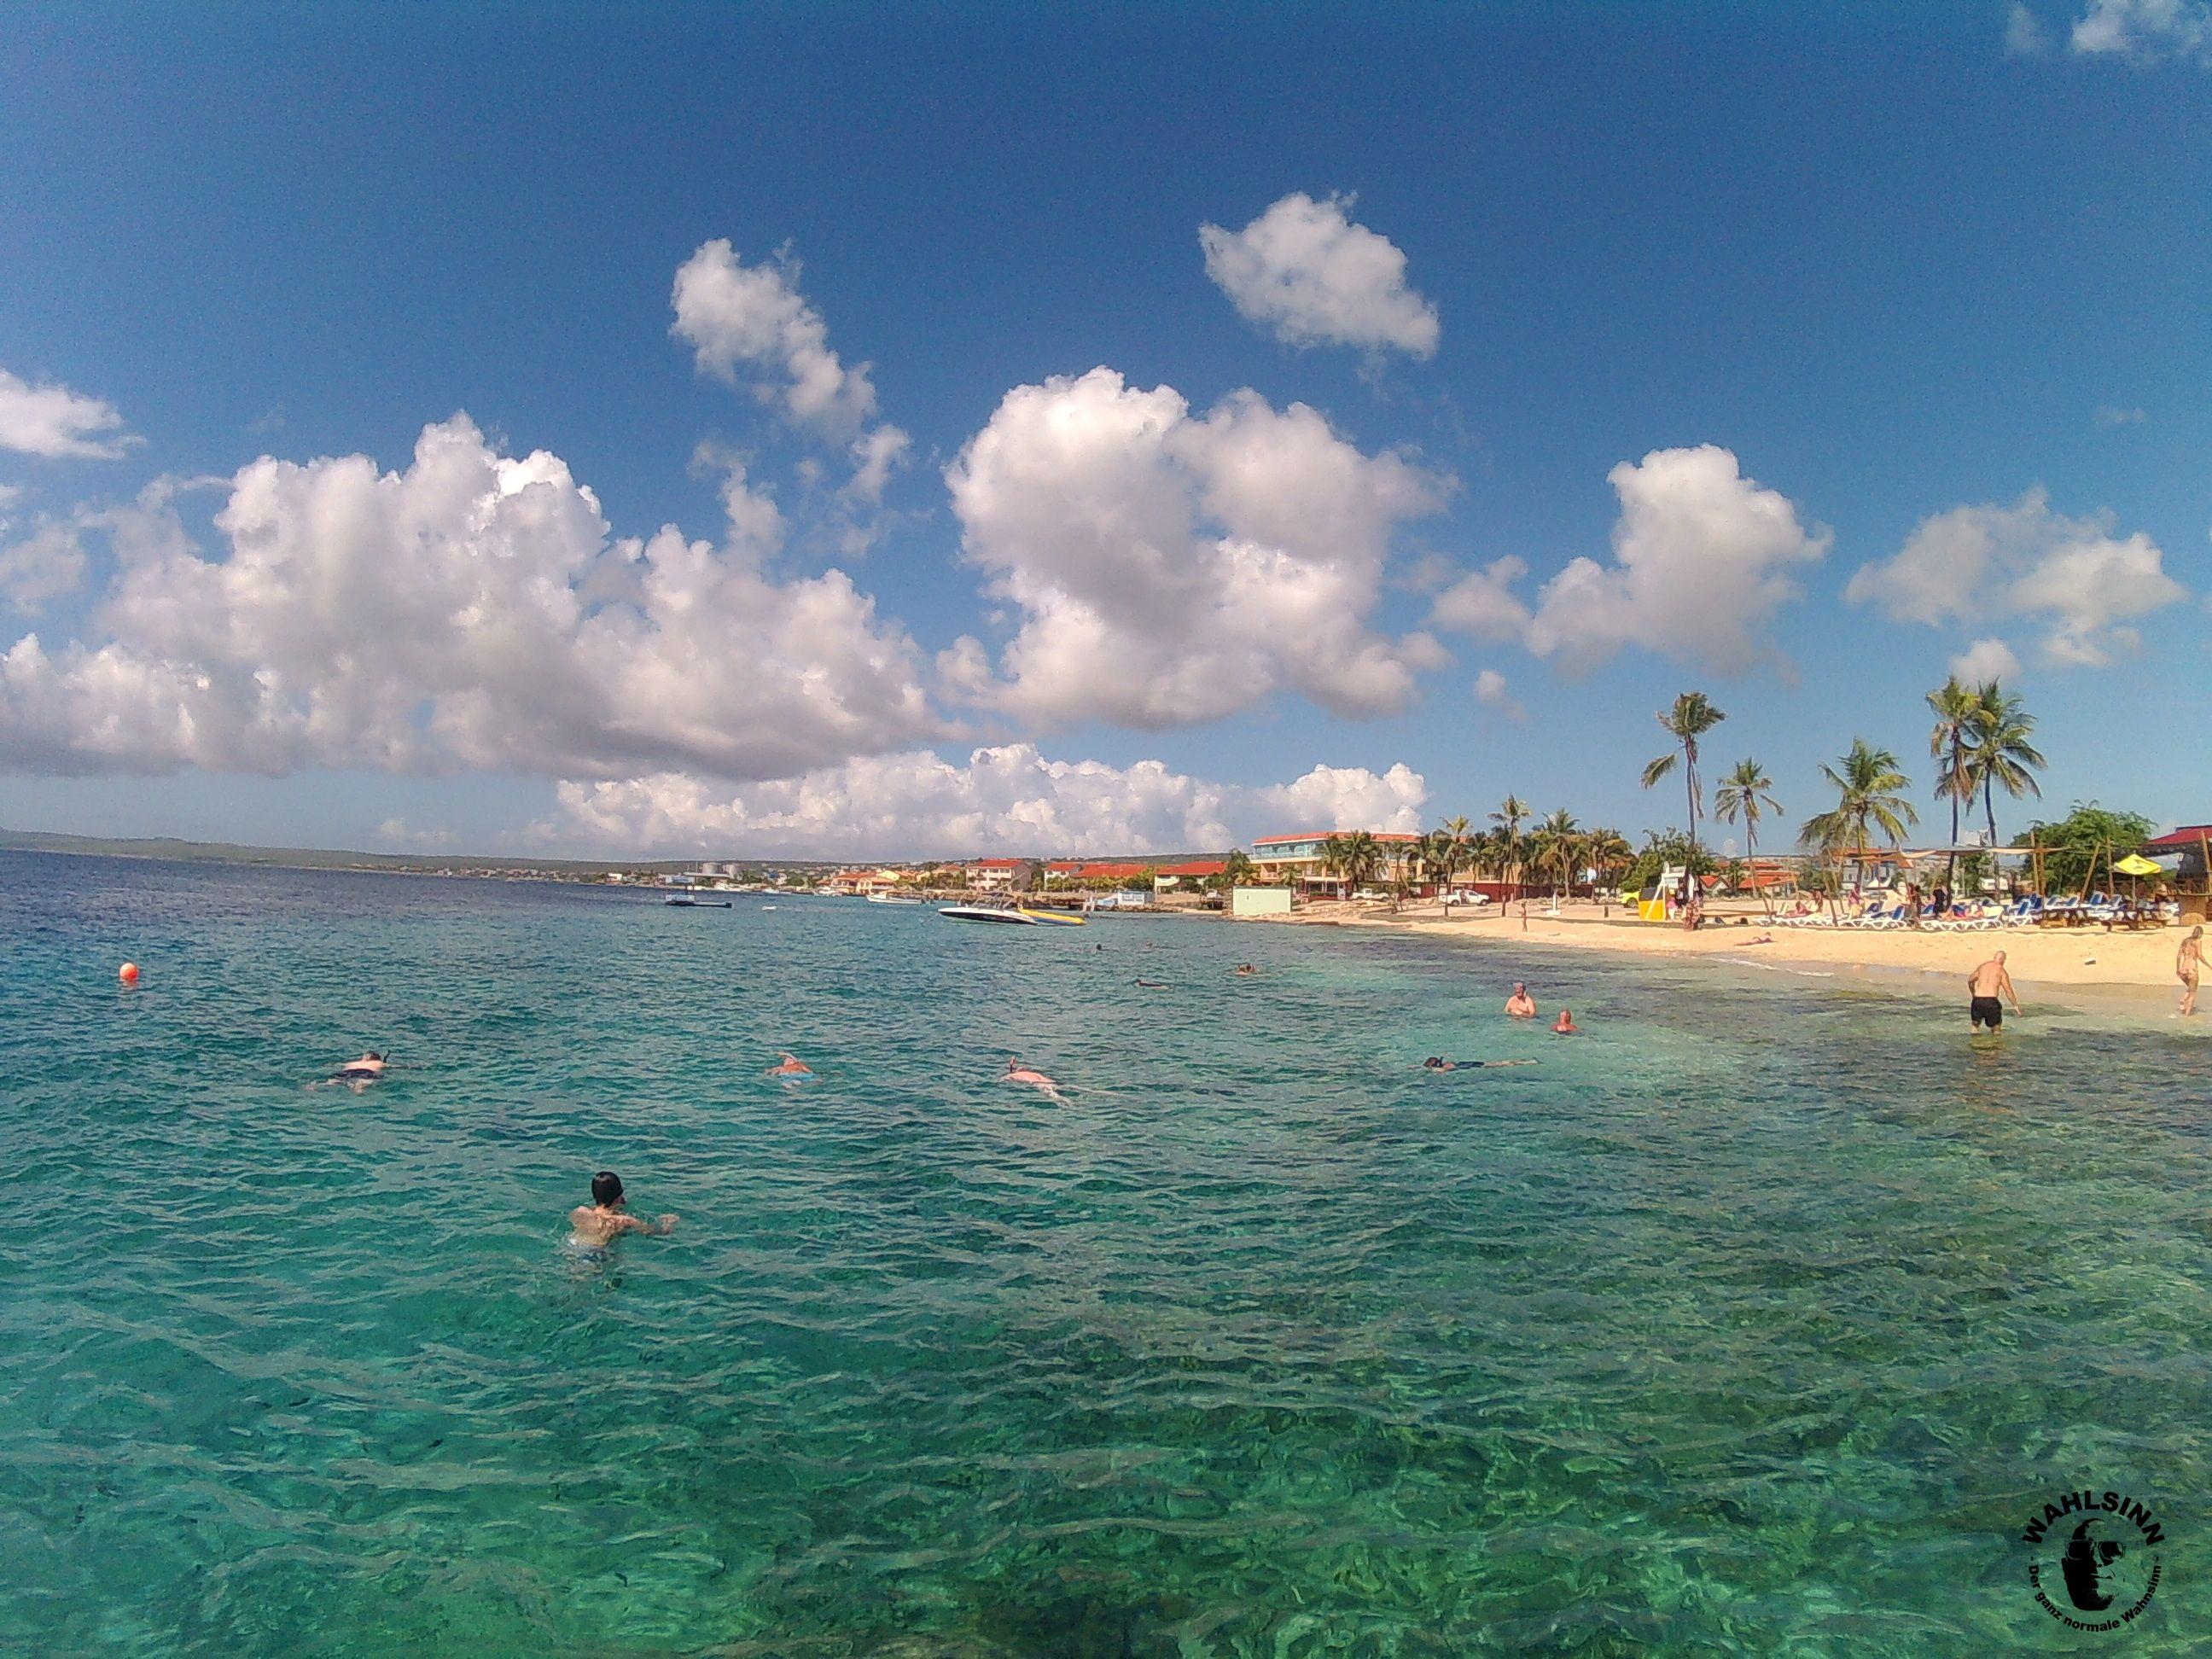 Bonaire - schöne Küstenlandschaft, kristallklares Wasser und eine Unterwasserwelt für Taucher und Schnorchler - dies und viel mehr bietet Bonaire in der Karibik